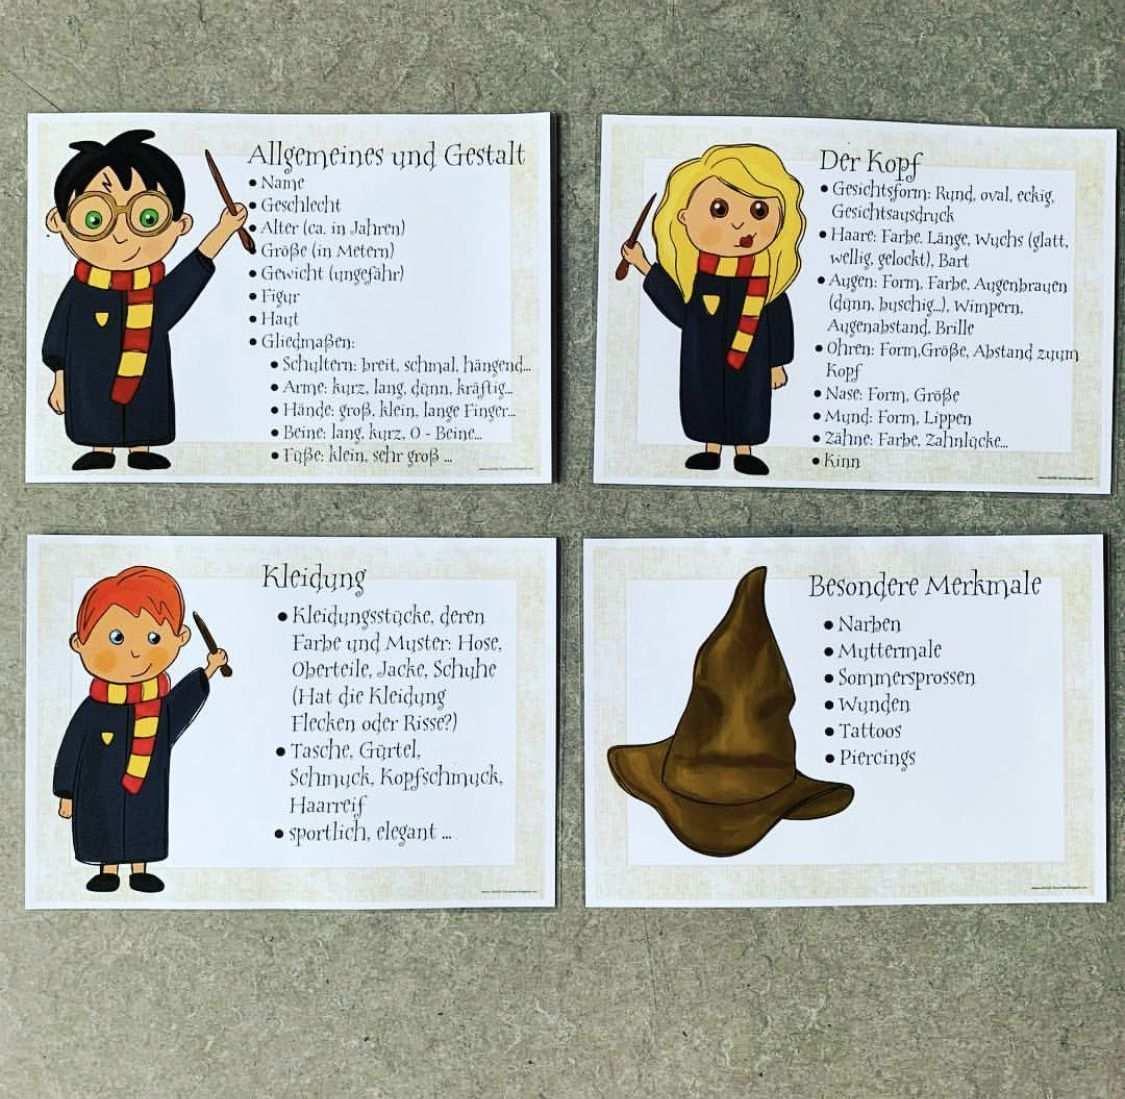 Personenbeschreibung Aushang Schreiben Classroom Education Poster Potter School